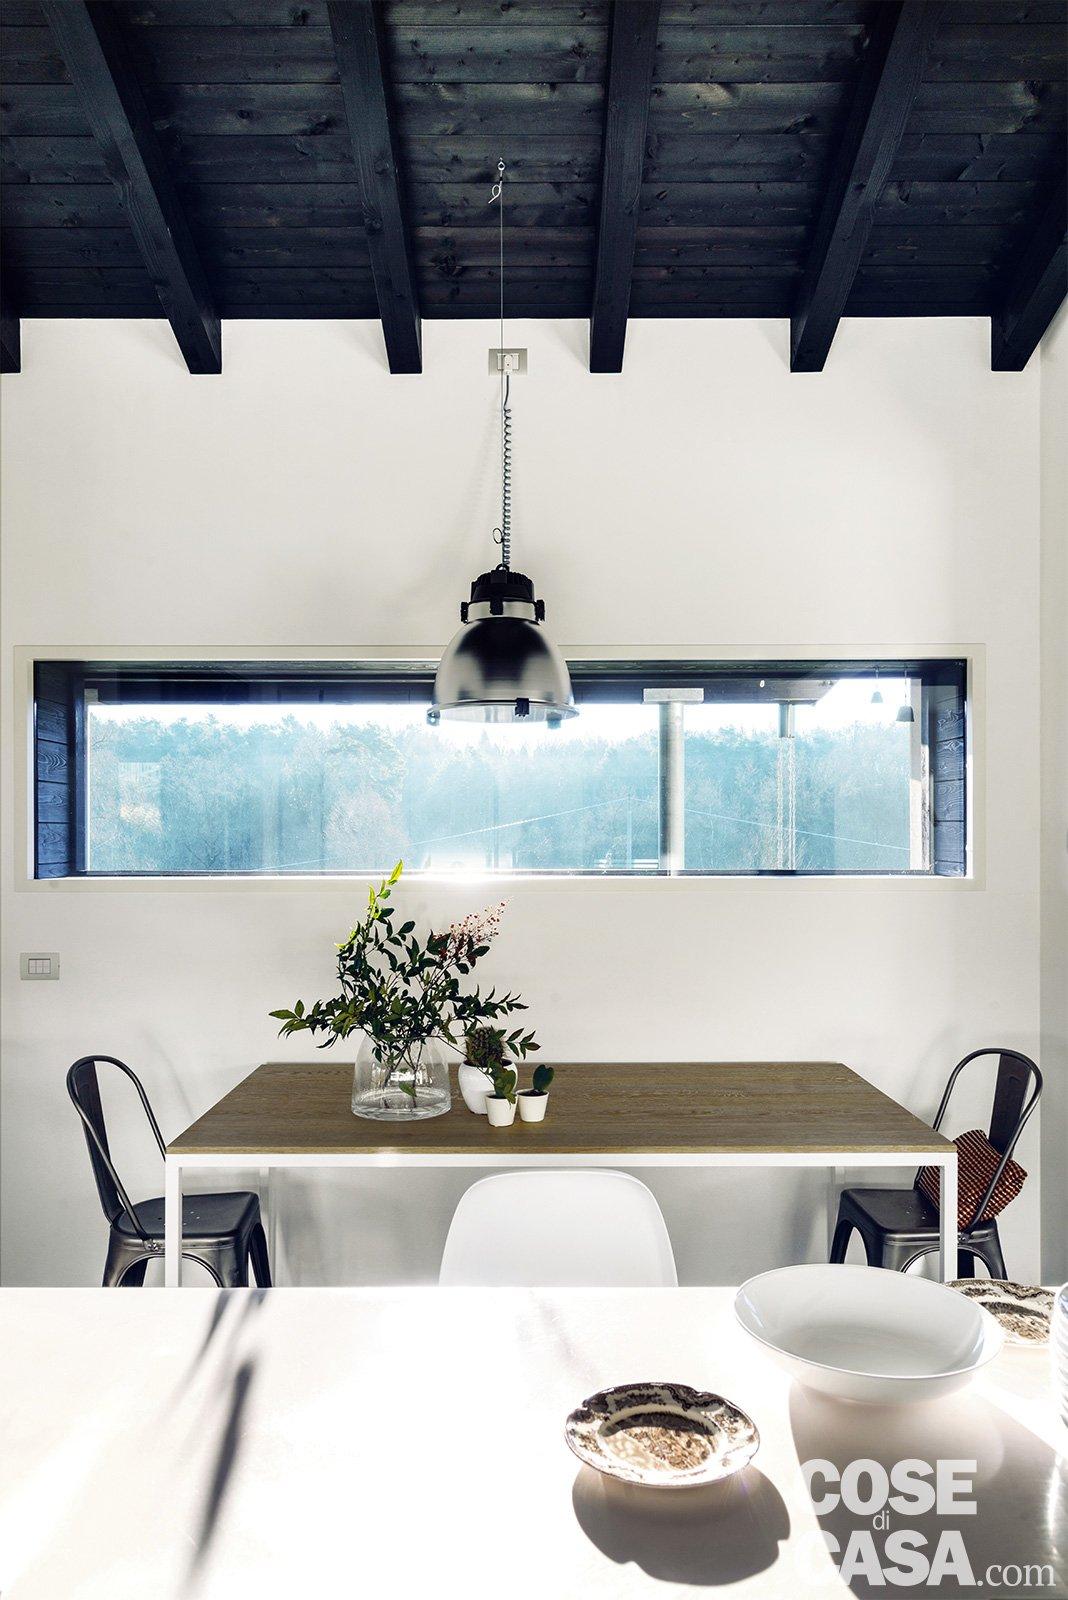 145 mq terra tetto ampi volumi a doppia altezza come in un loft con soppalco sottotetto cose - Altezza parapetto finestra ...